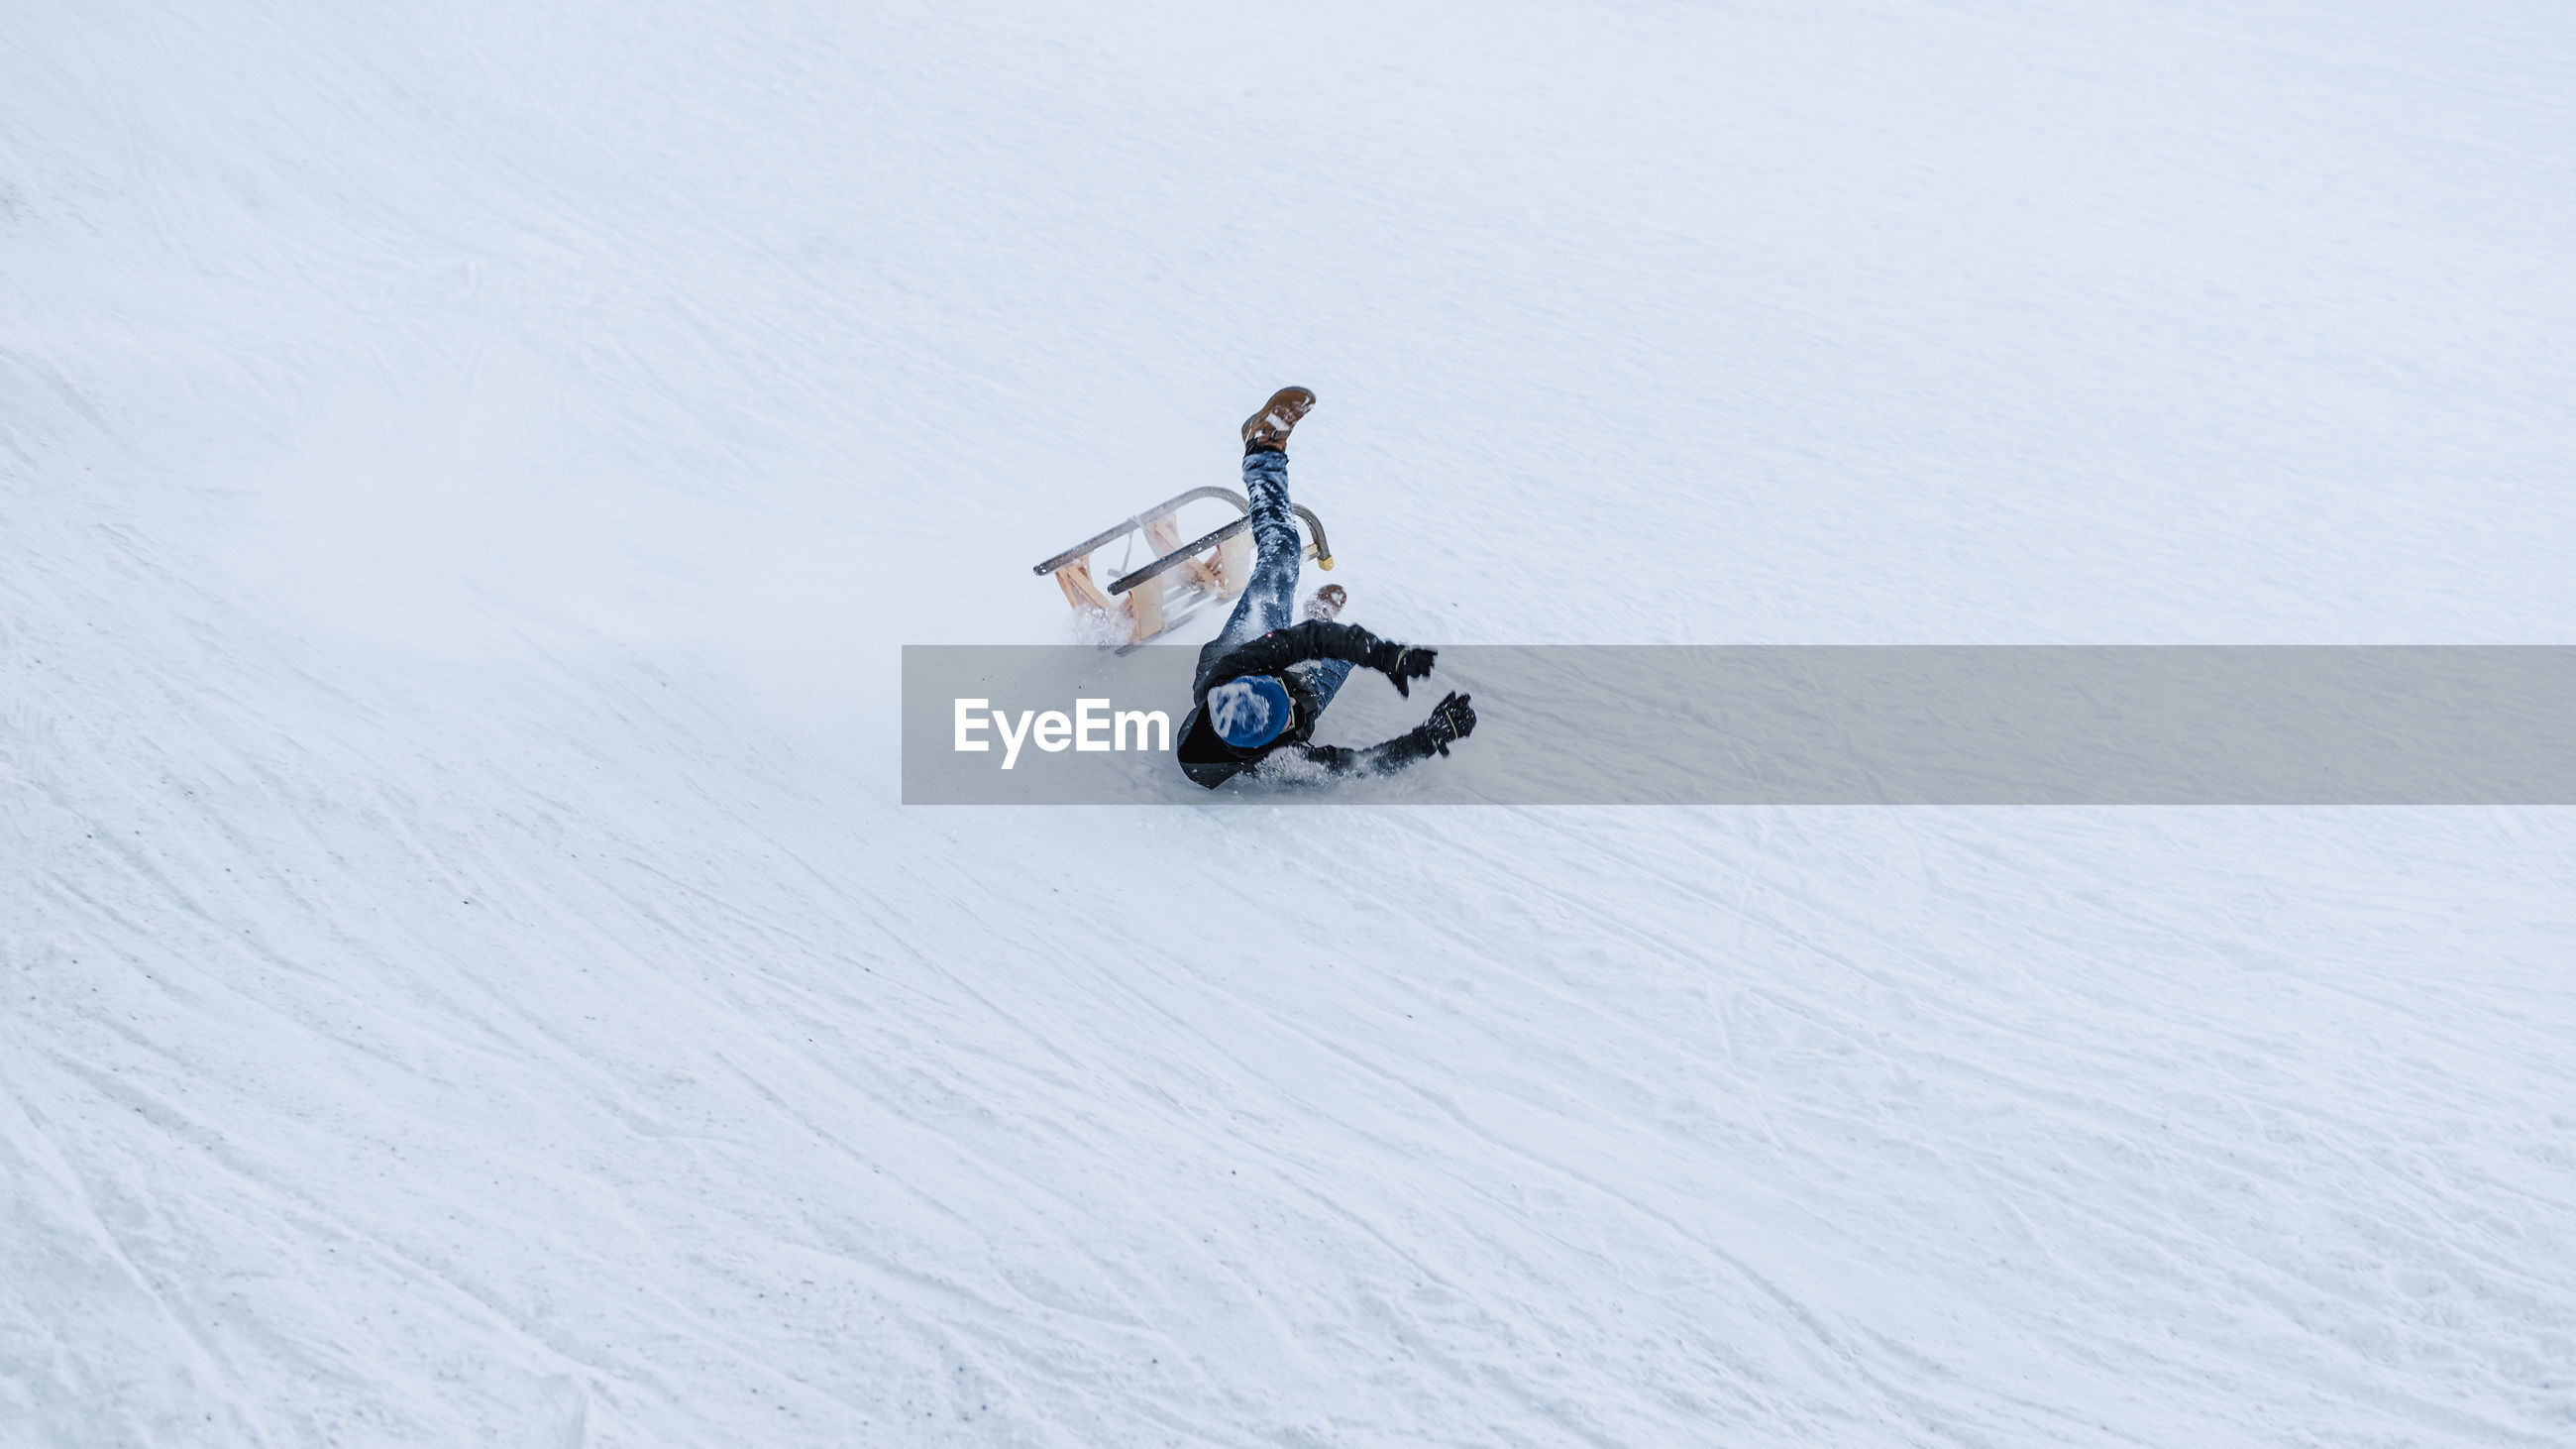 Man falling on slope